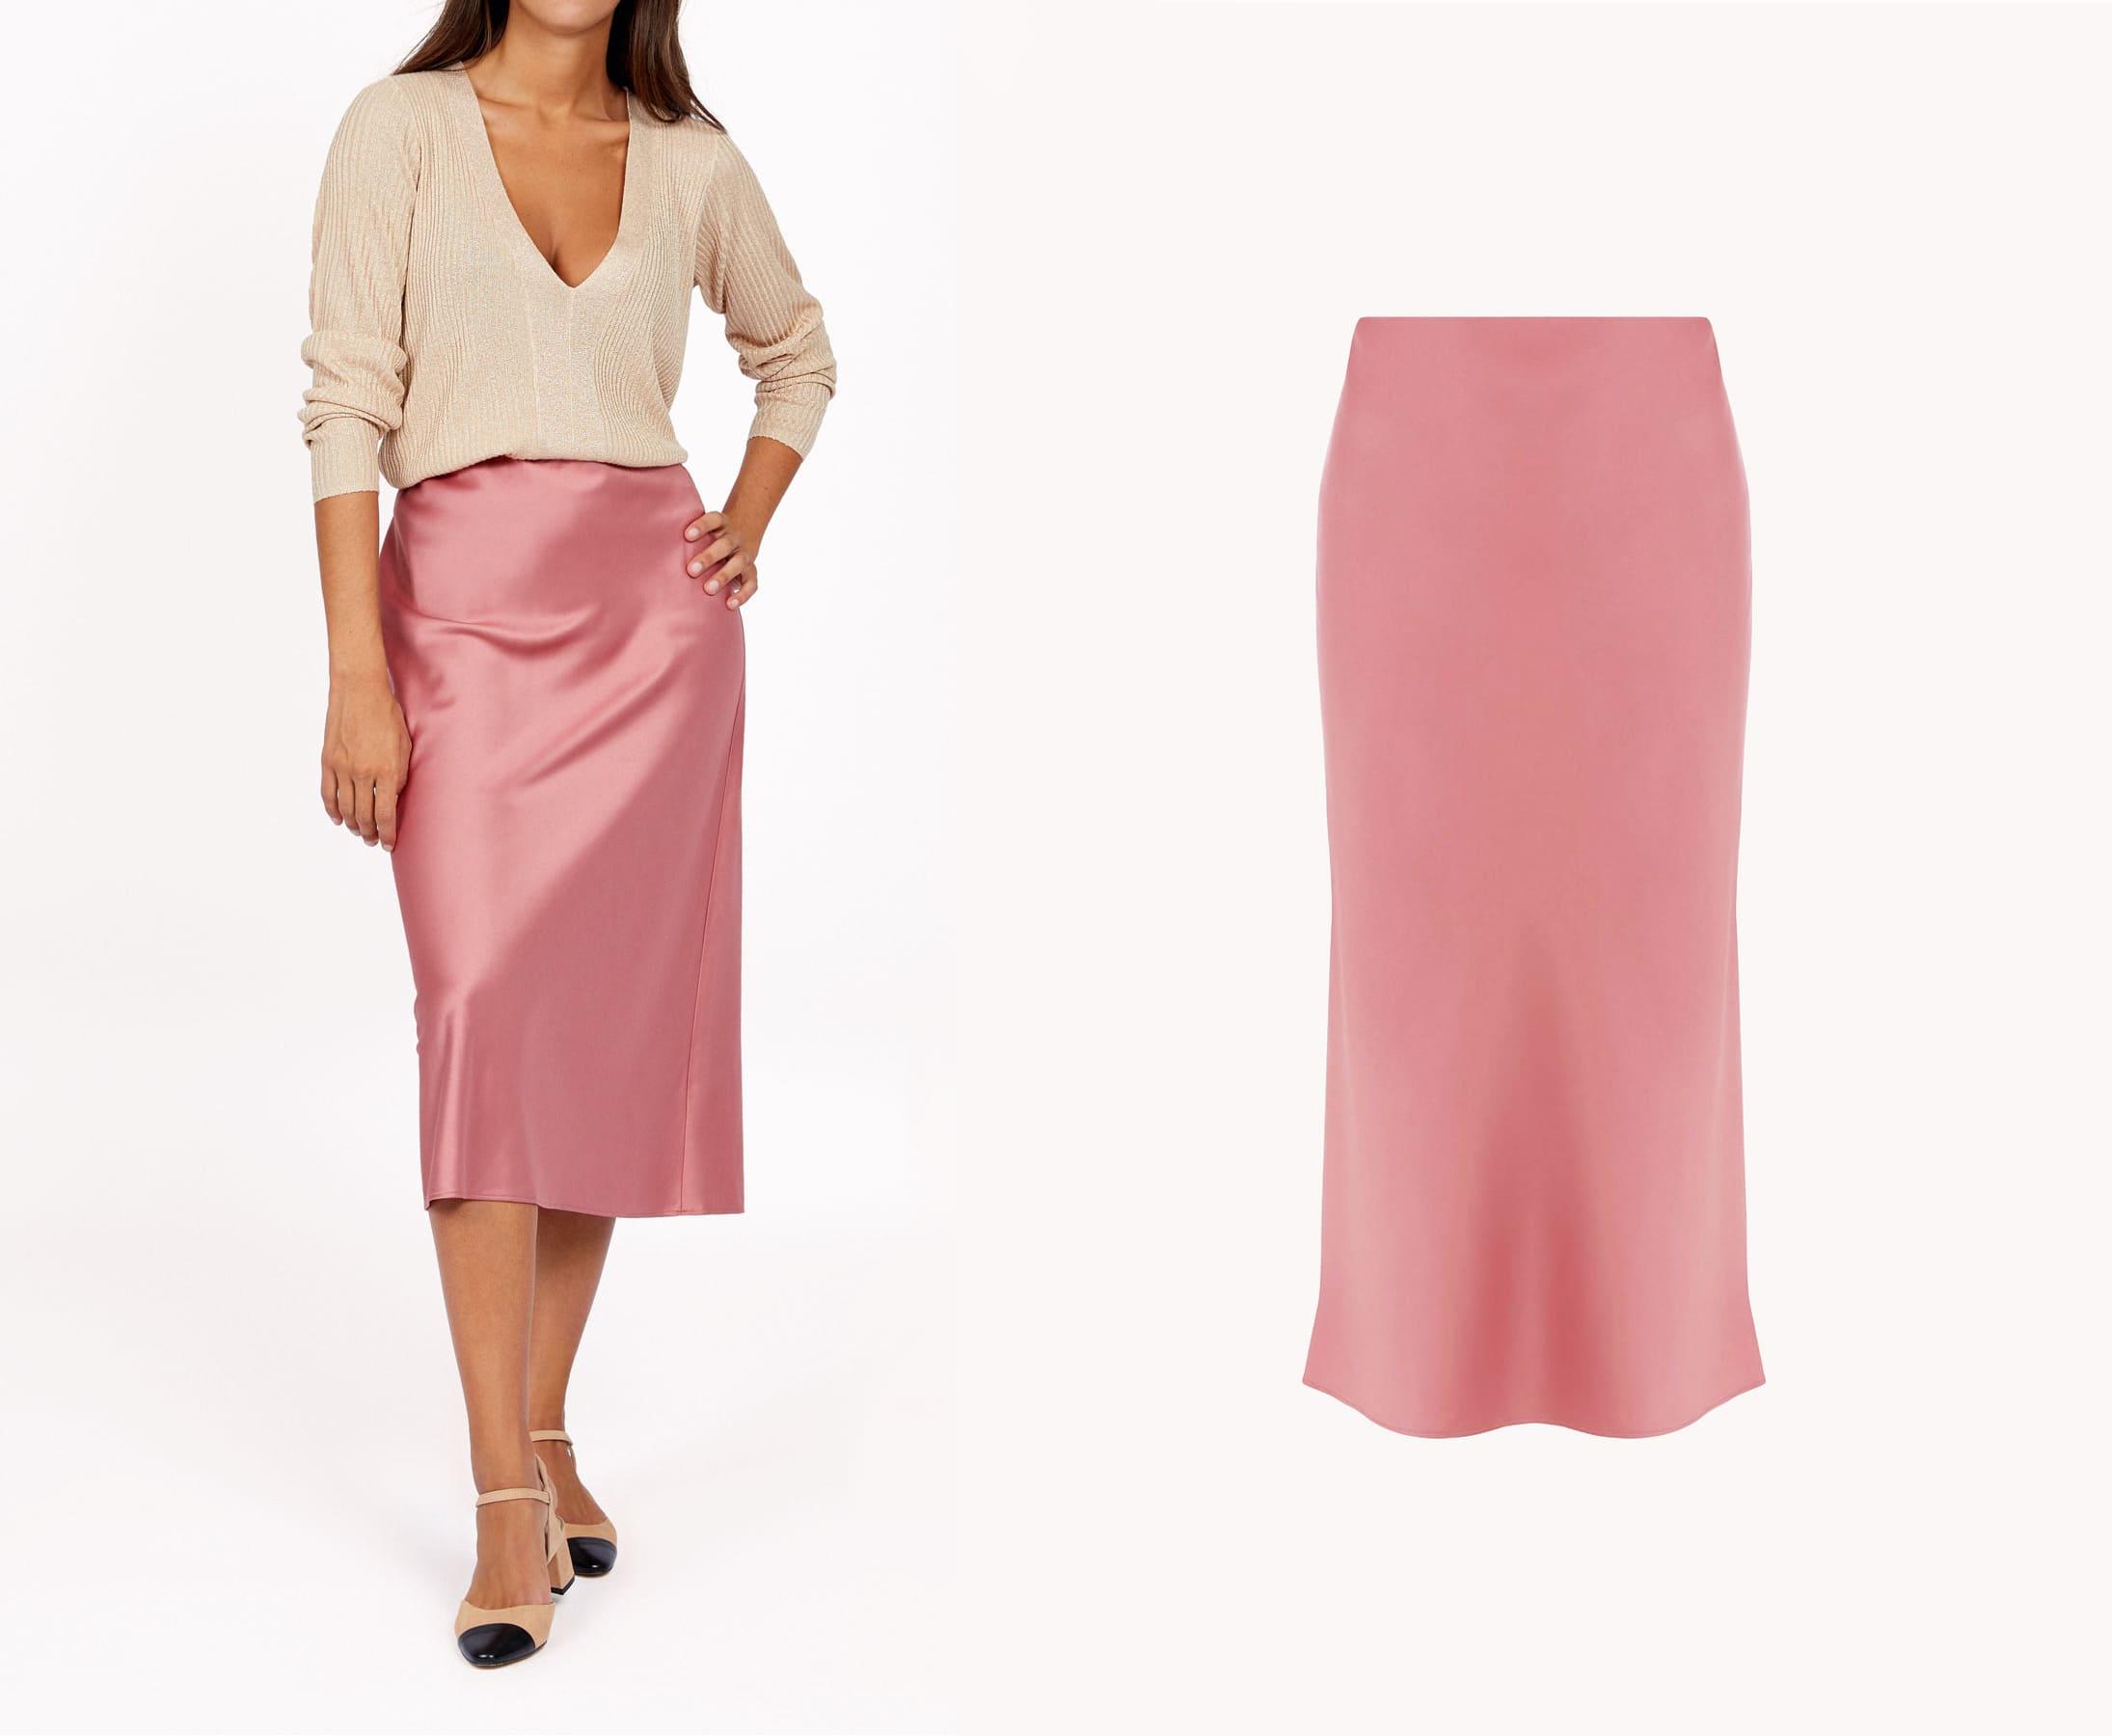 falda midi satén y top efecto shine